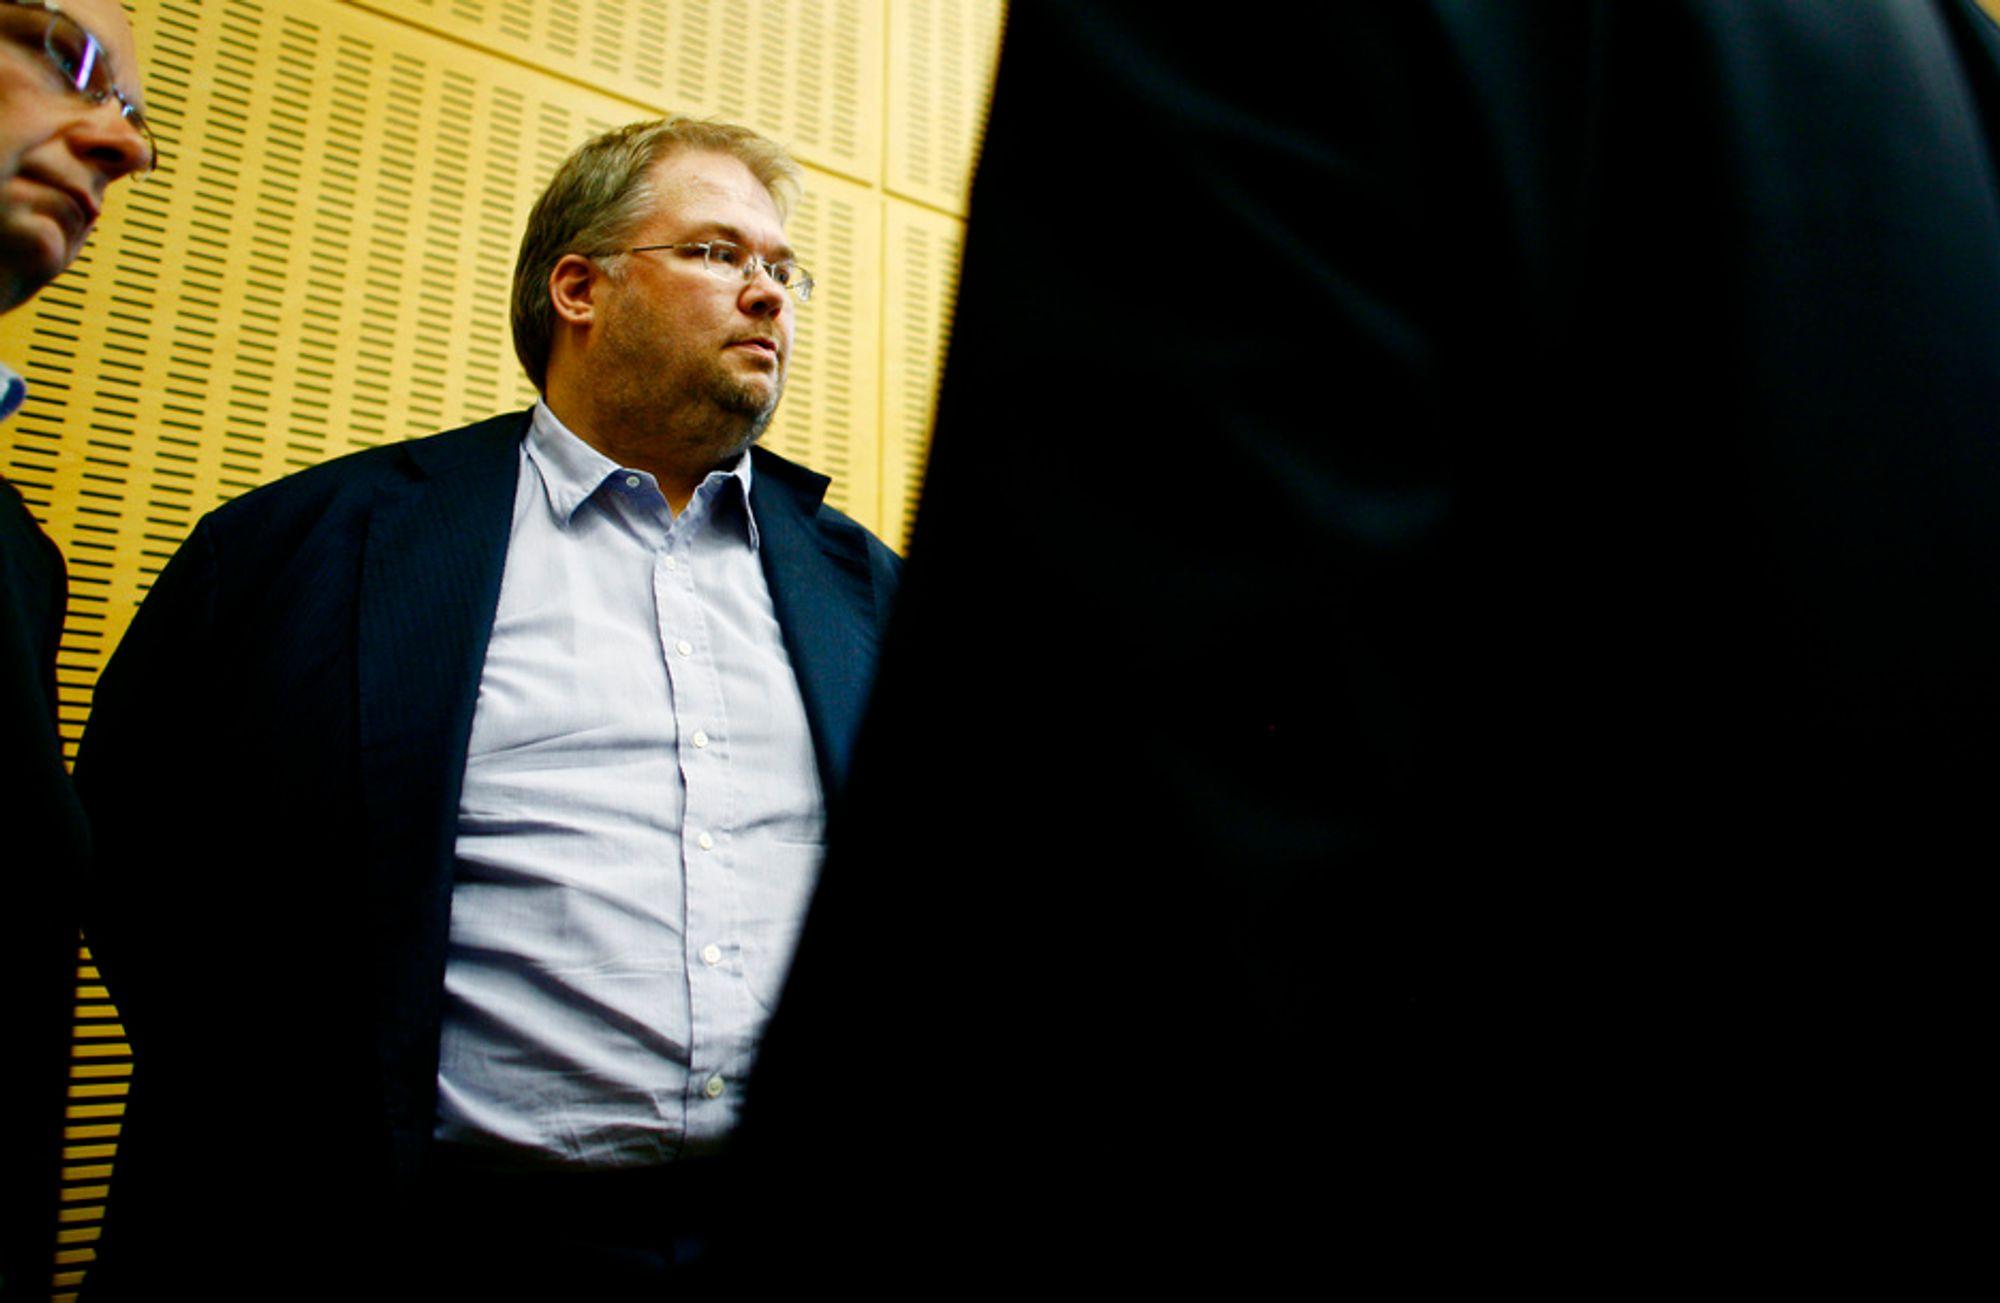 GIR RÅD: Jan Gunnar Pedersen har vært statens rådgiver i eierskapsspørsmål. Nå er han Kjell Inge Røkkes rådgiver.